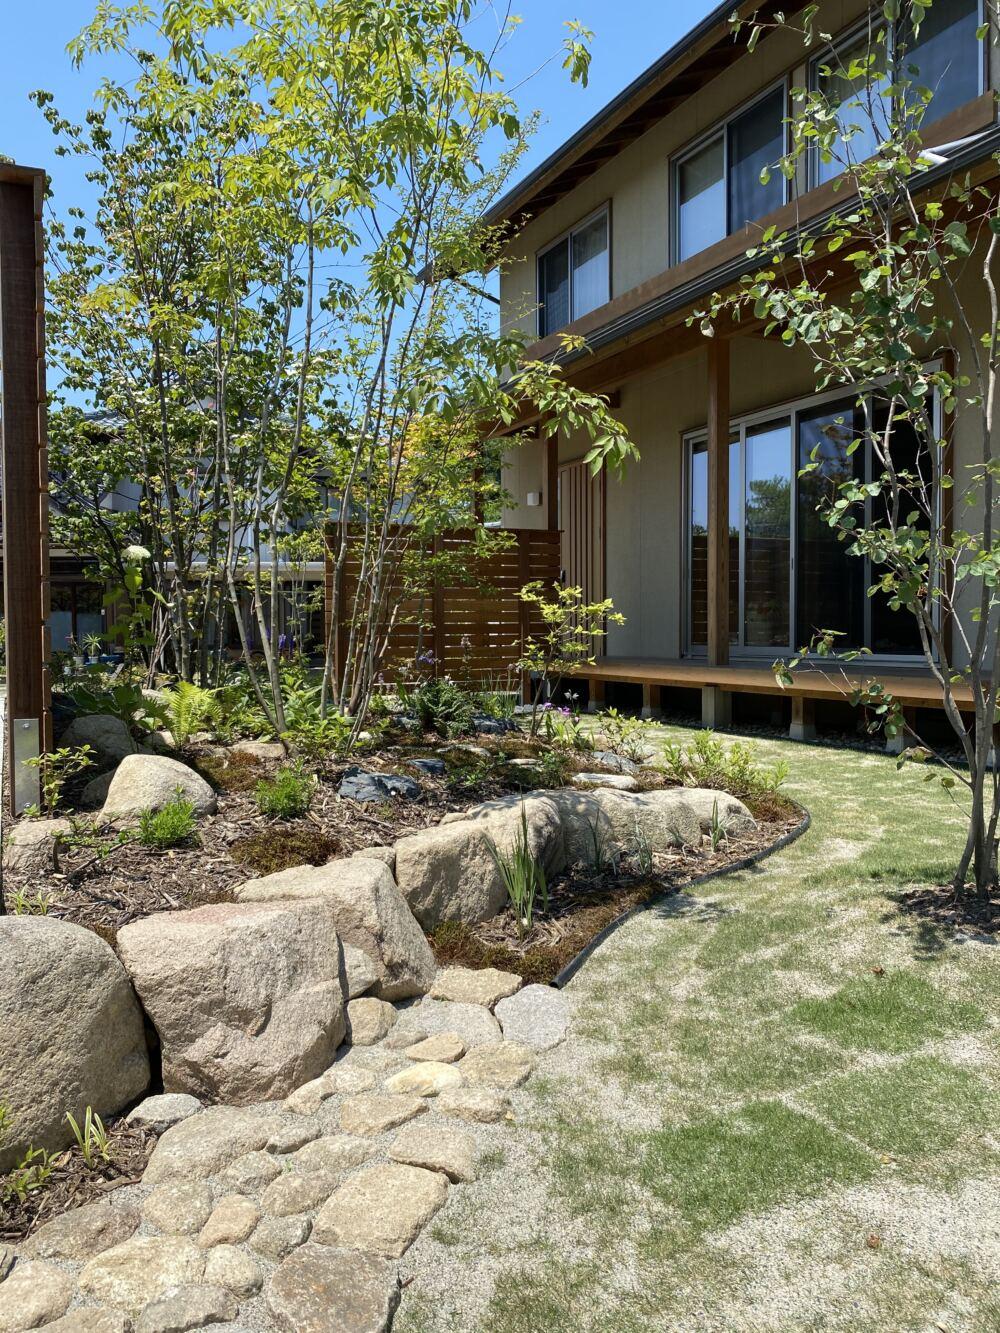 庭に腰かけたり、お手入れに築山に入りやすくする為に設けた既存の石を利用した石畳。